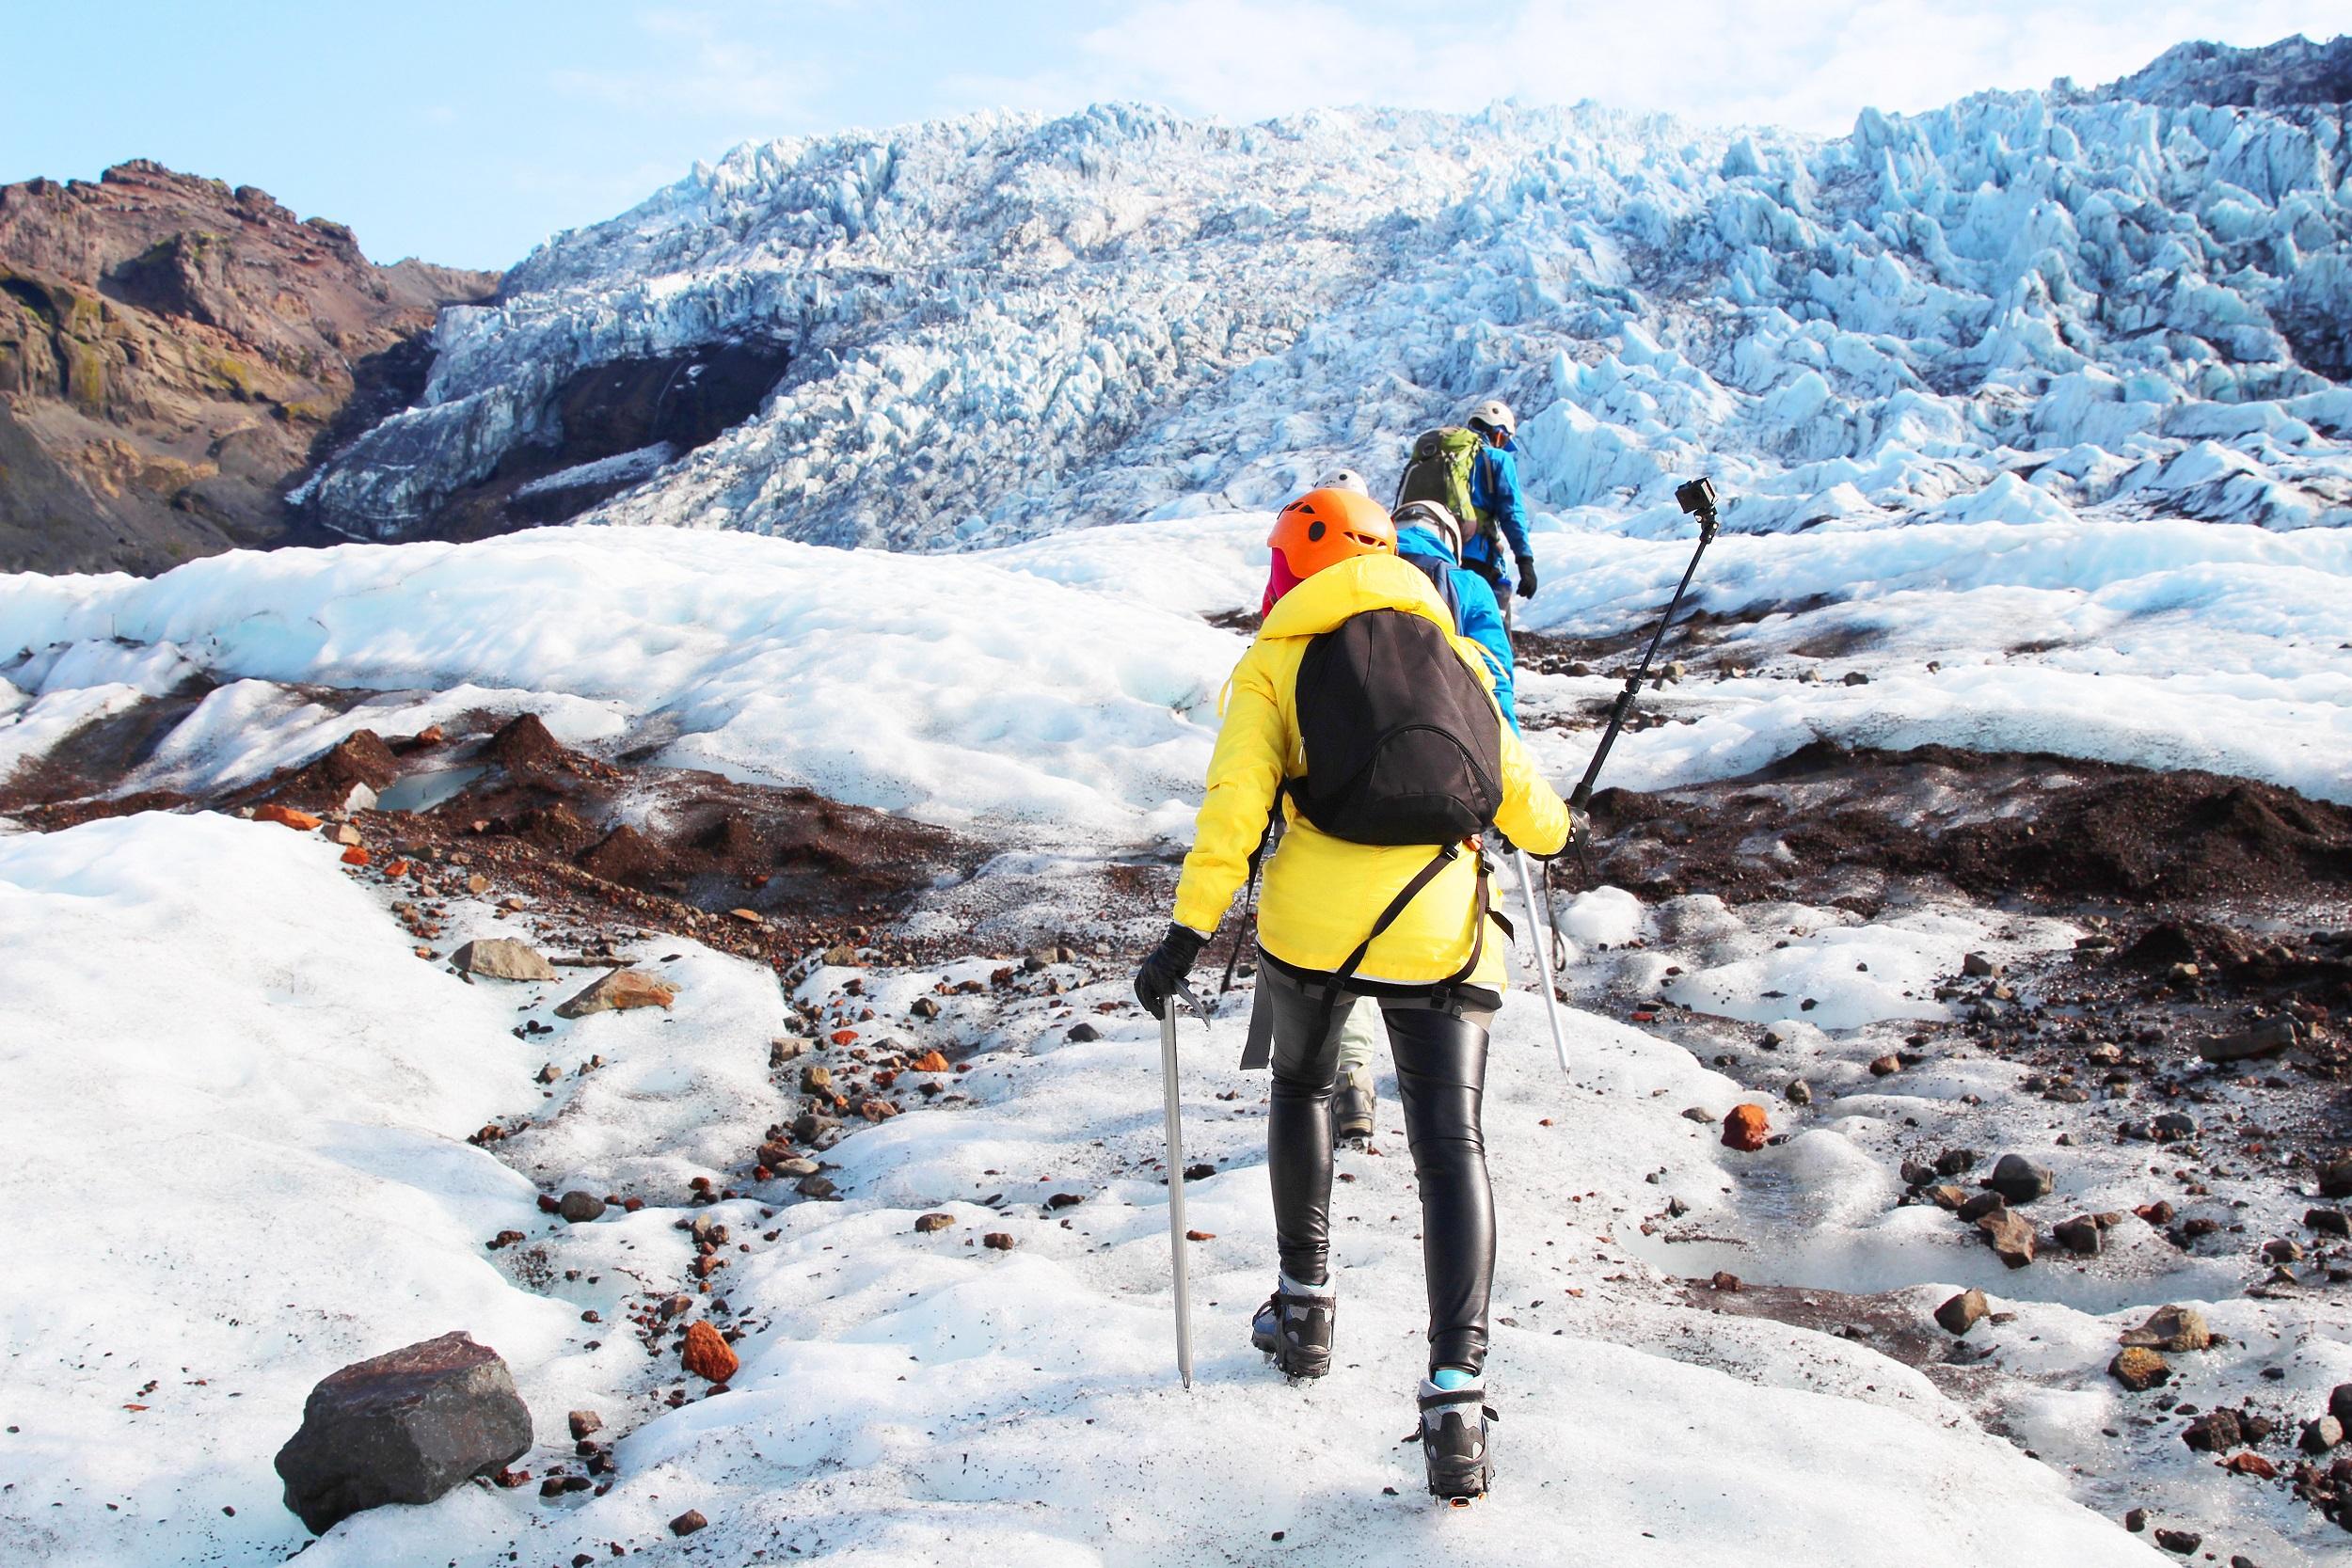 솔헤이마요쿨 빙하 하이킹은 진정한 아이슬란드의 빙하를 체험할 수 있는 활동입니다.